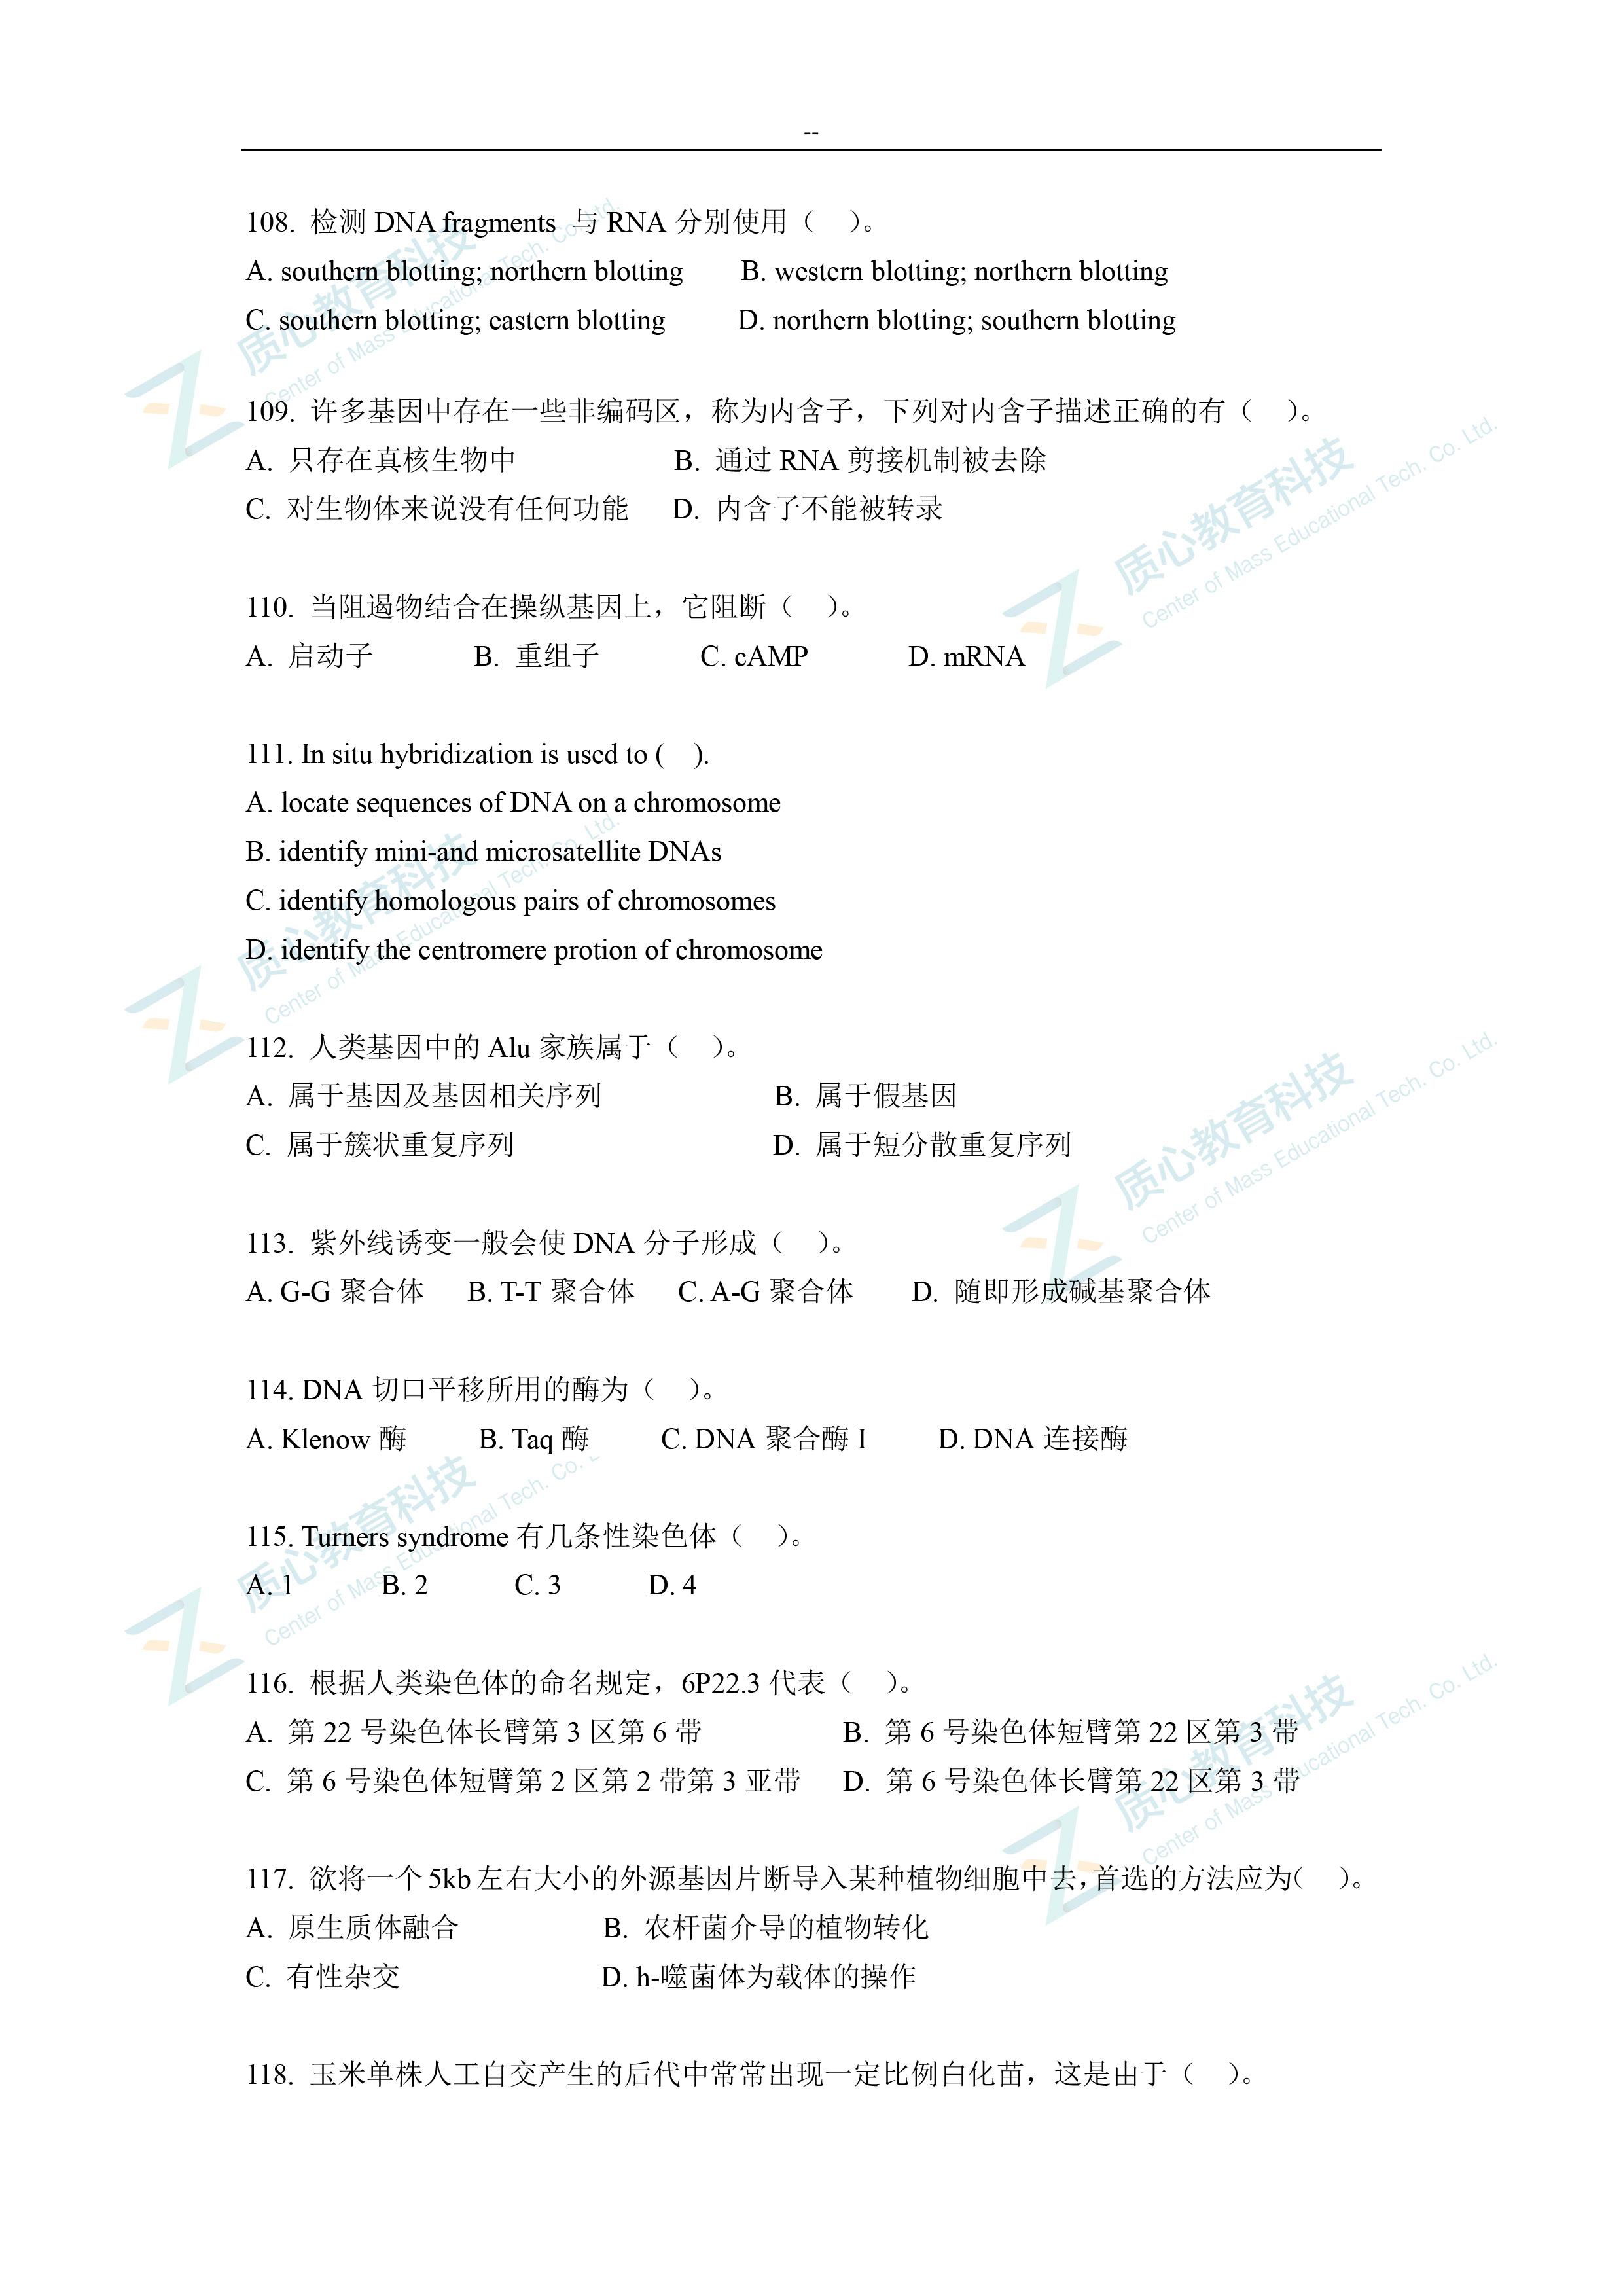 02-2015清华金秋营笔试模拟题-11